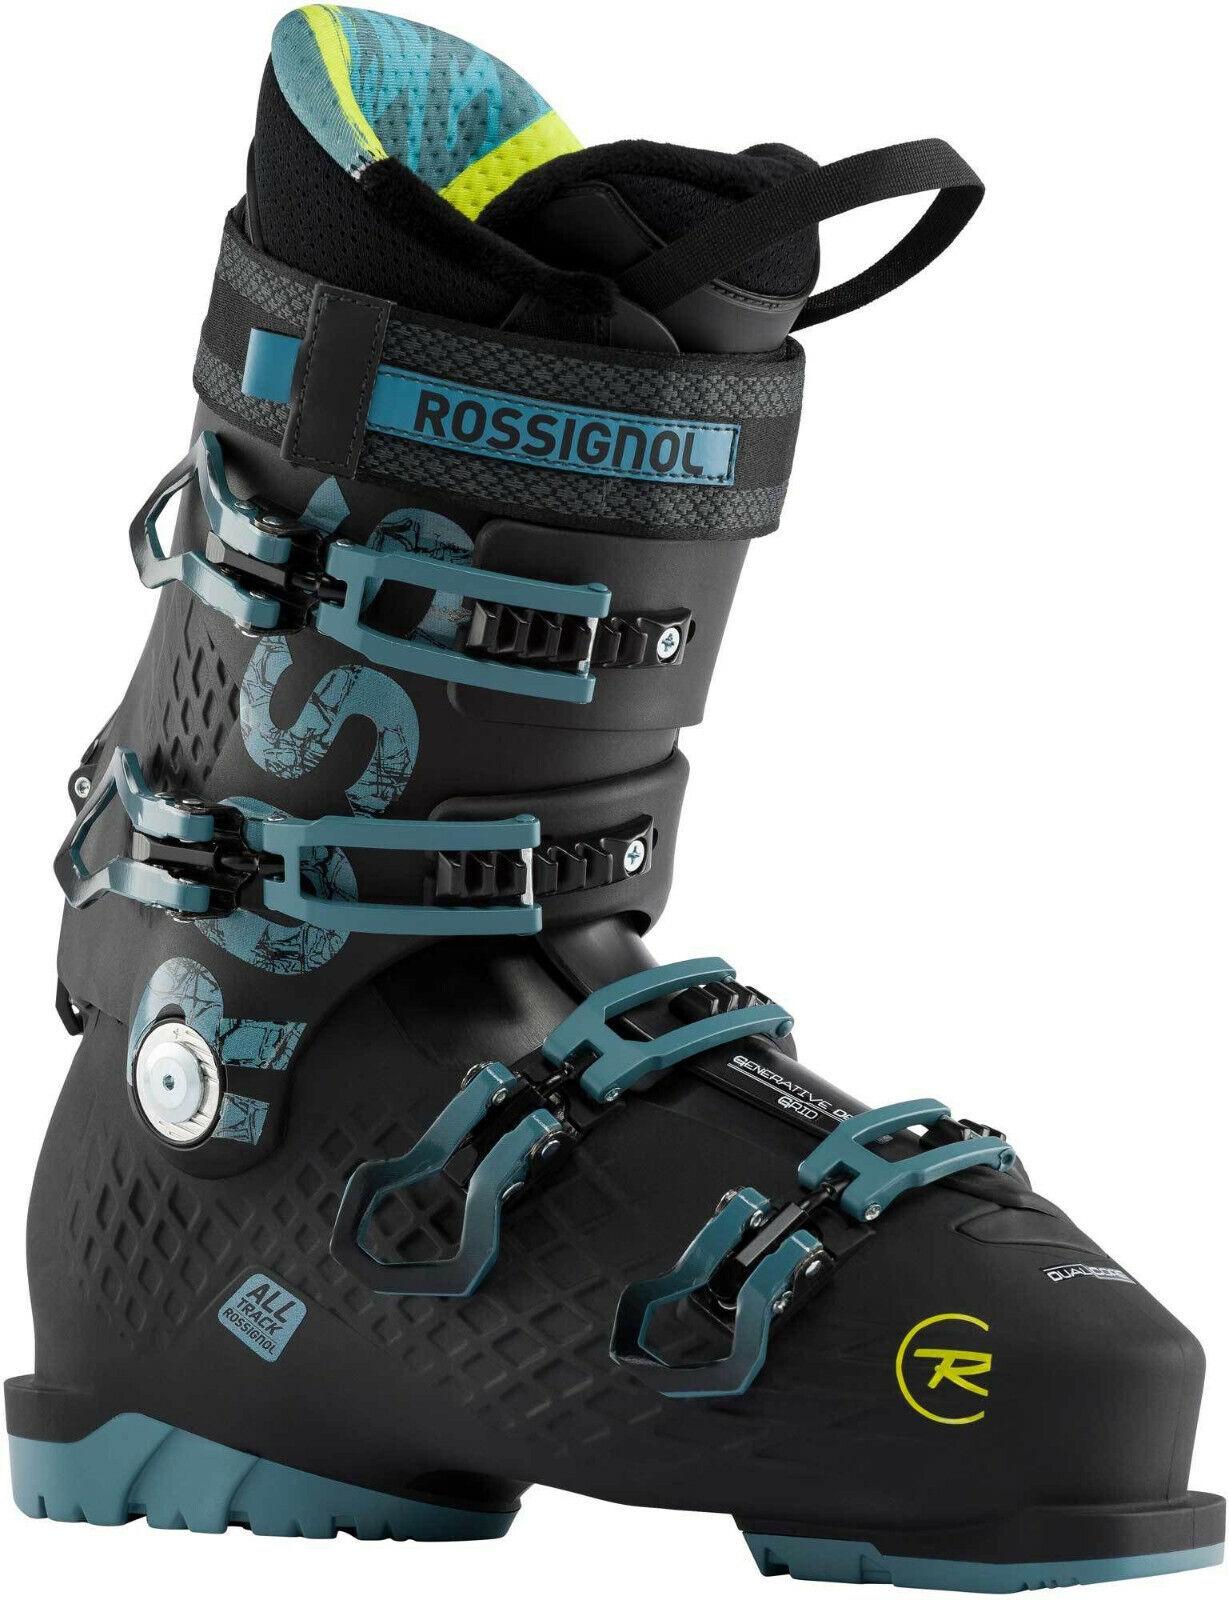 Rossignol Alltrack 110 Skischuh Herren Allmountain NEU SkiStiefel Skistiefel J19